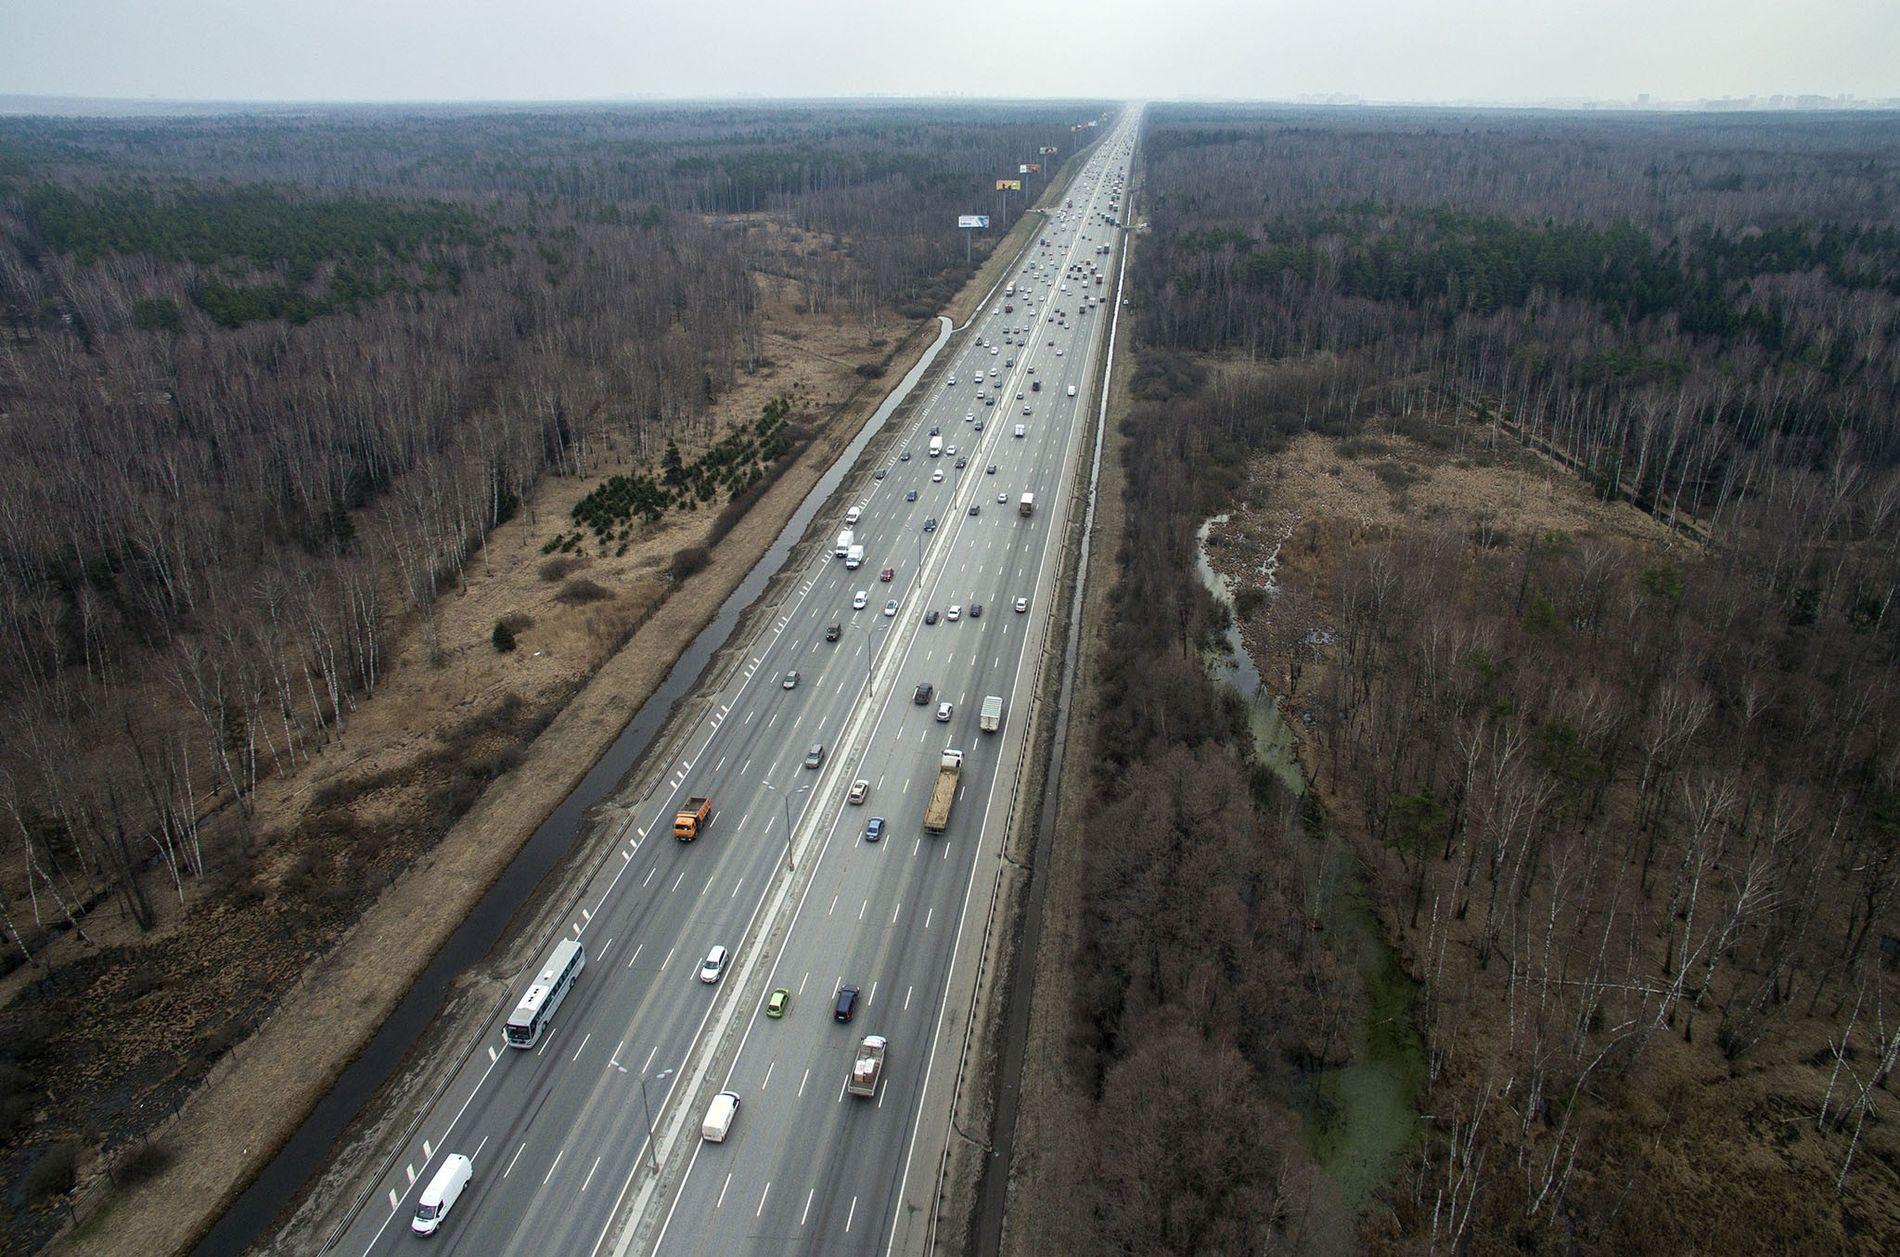 Imagen del kilómetro 98 de la MKAD